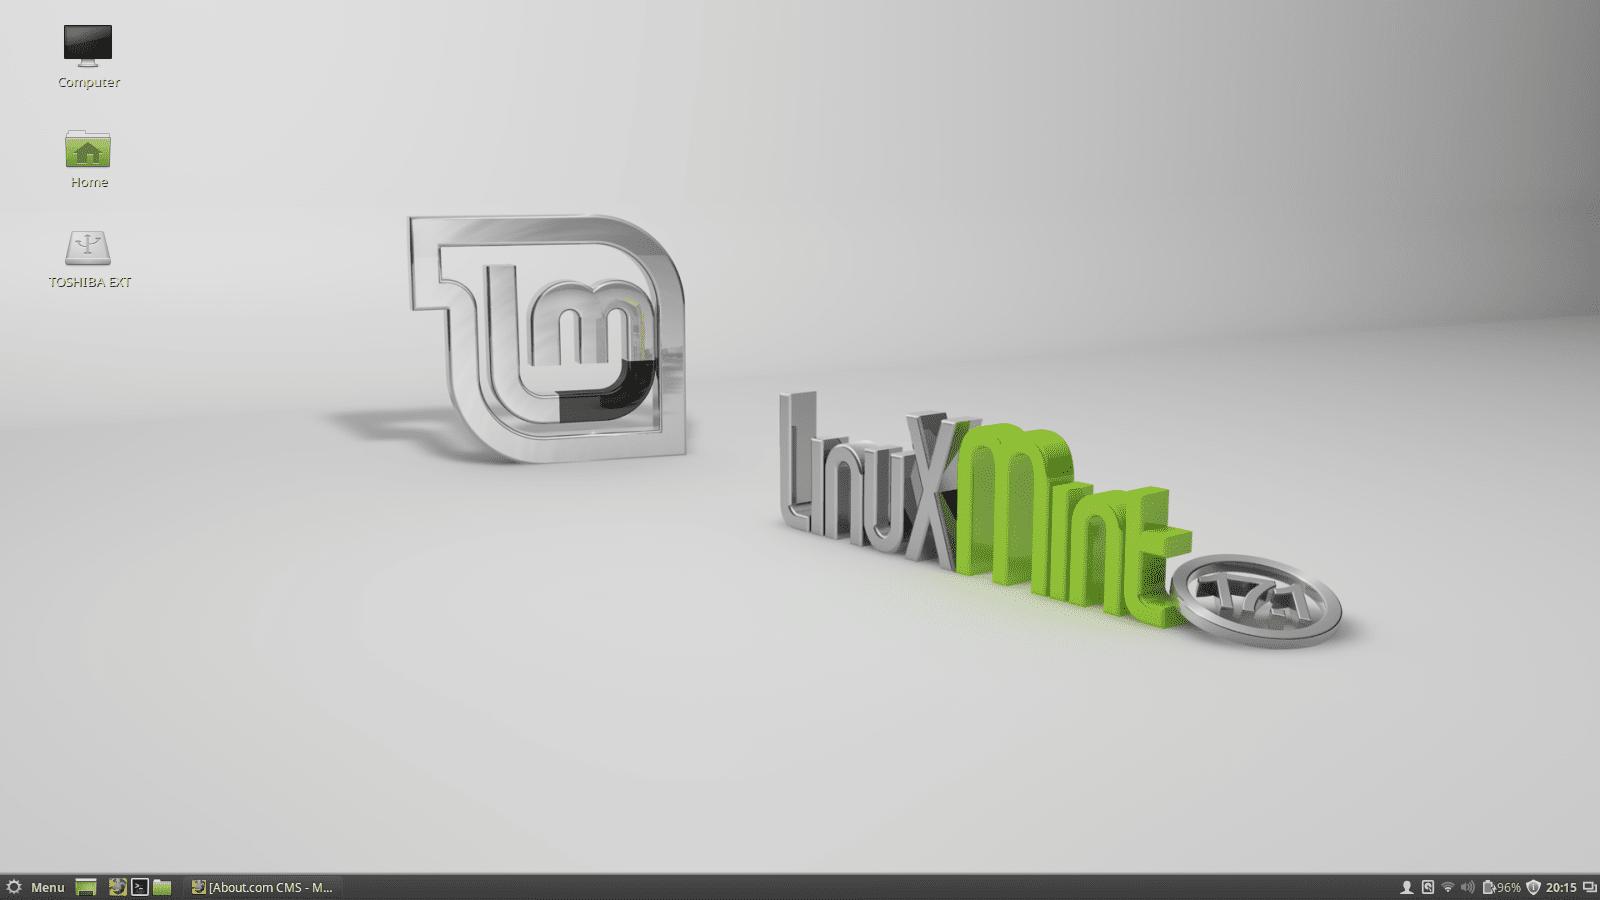 The Linux Mint desktop